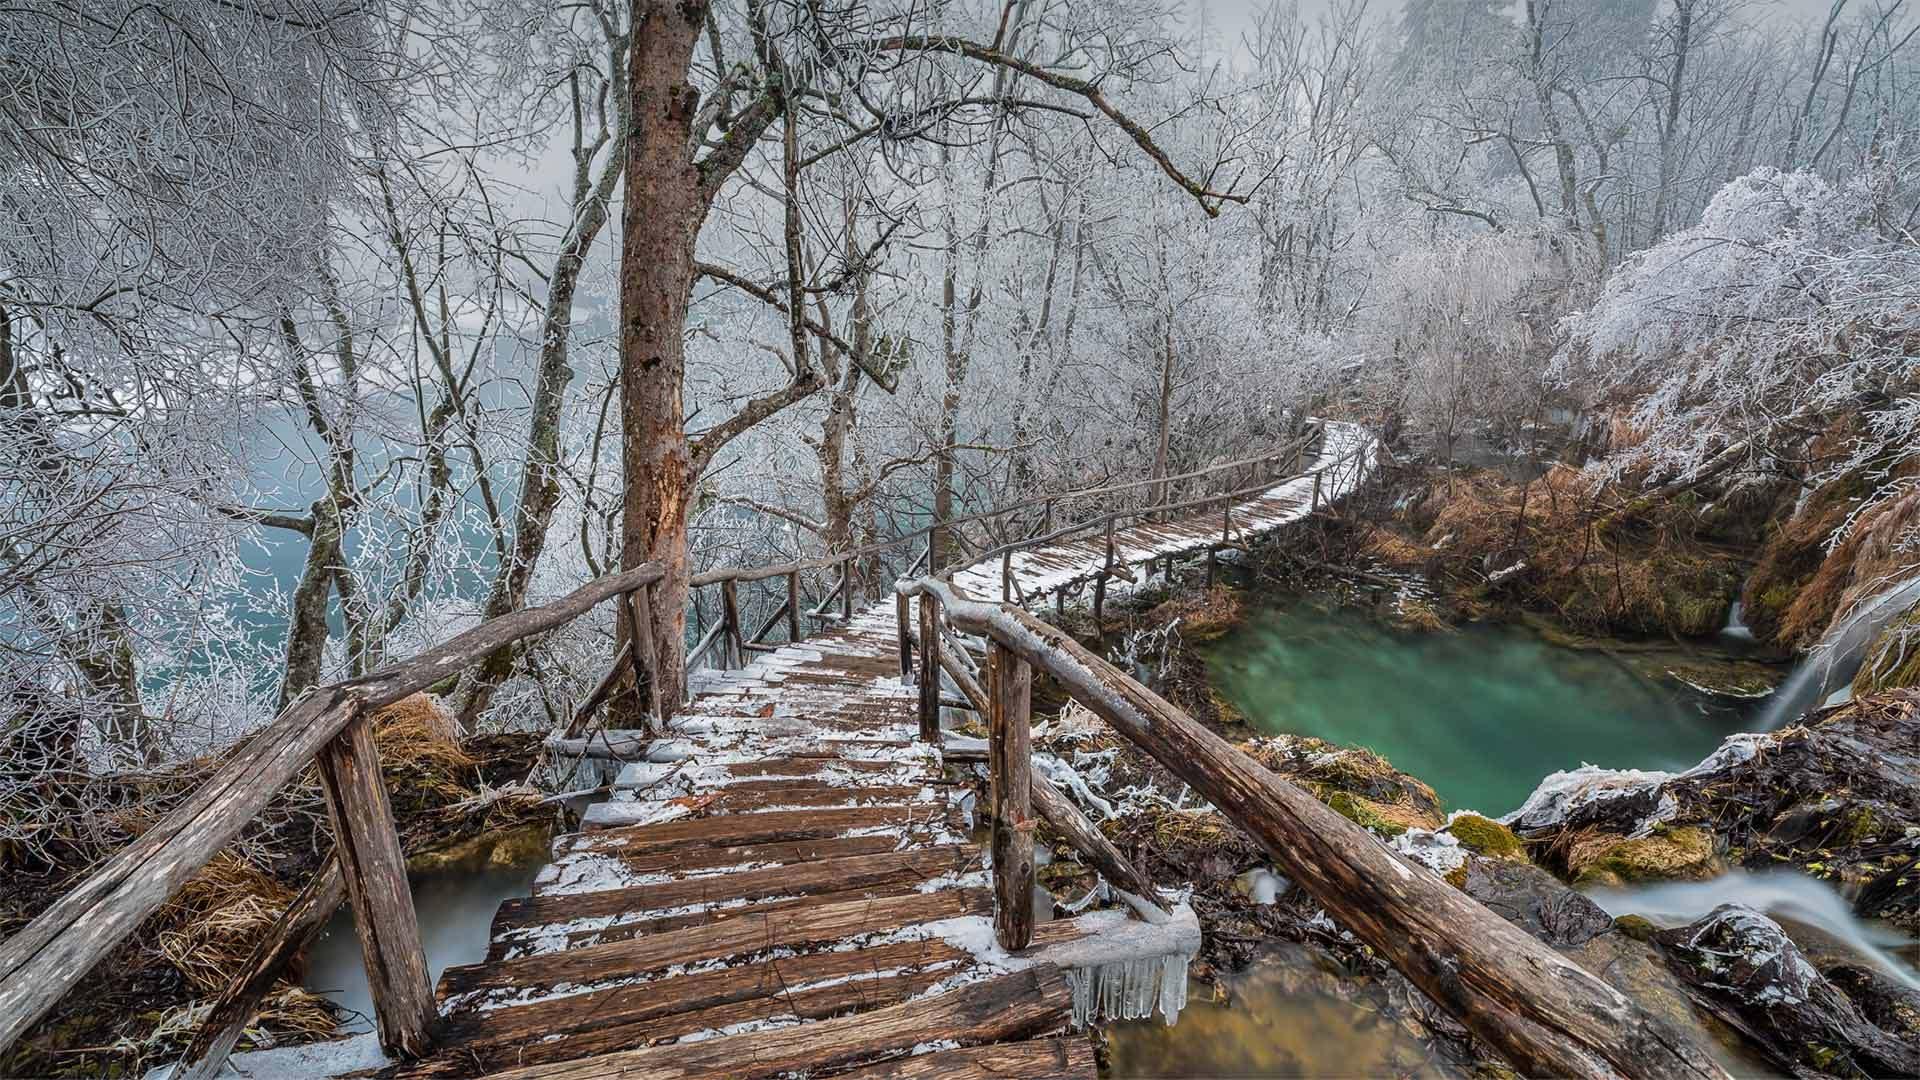 普利特维采湖群国家公园中的高架步道普利特维采湖